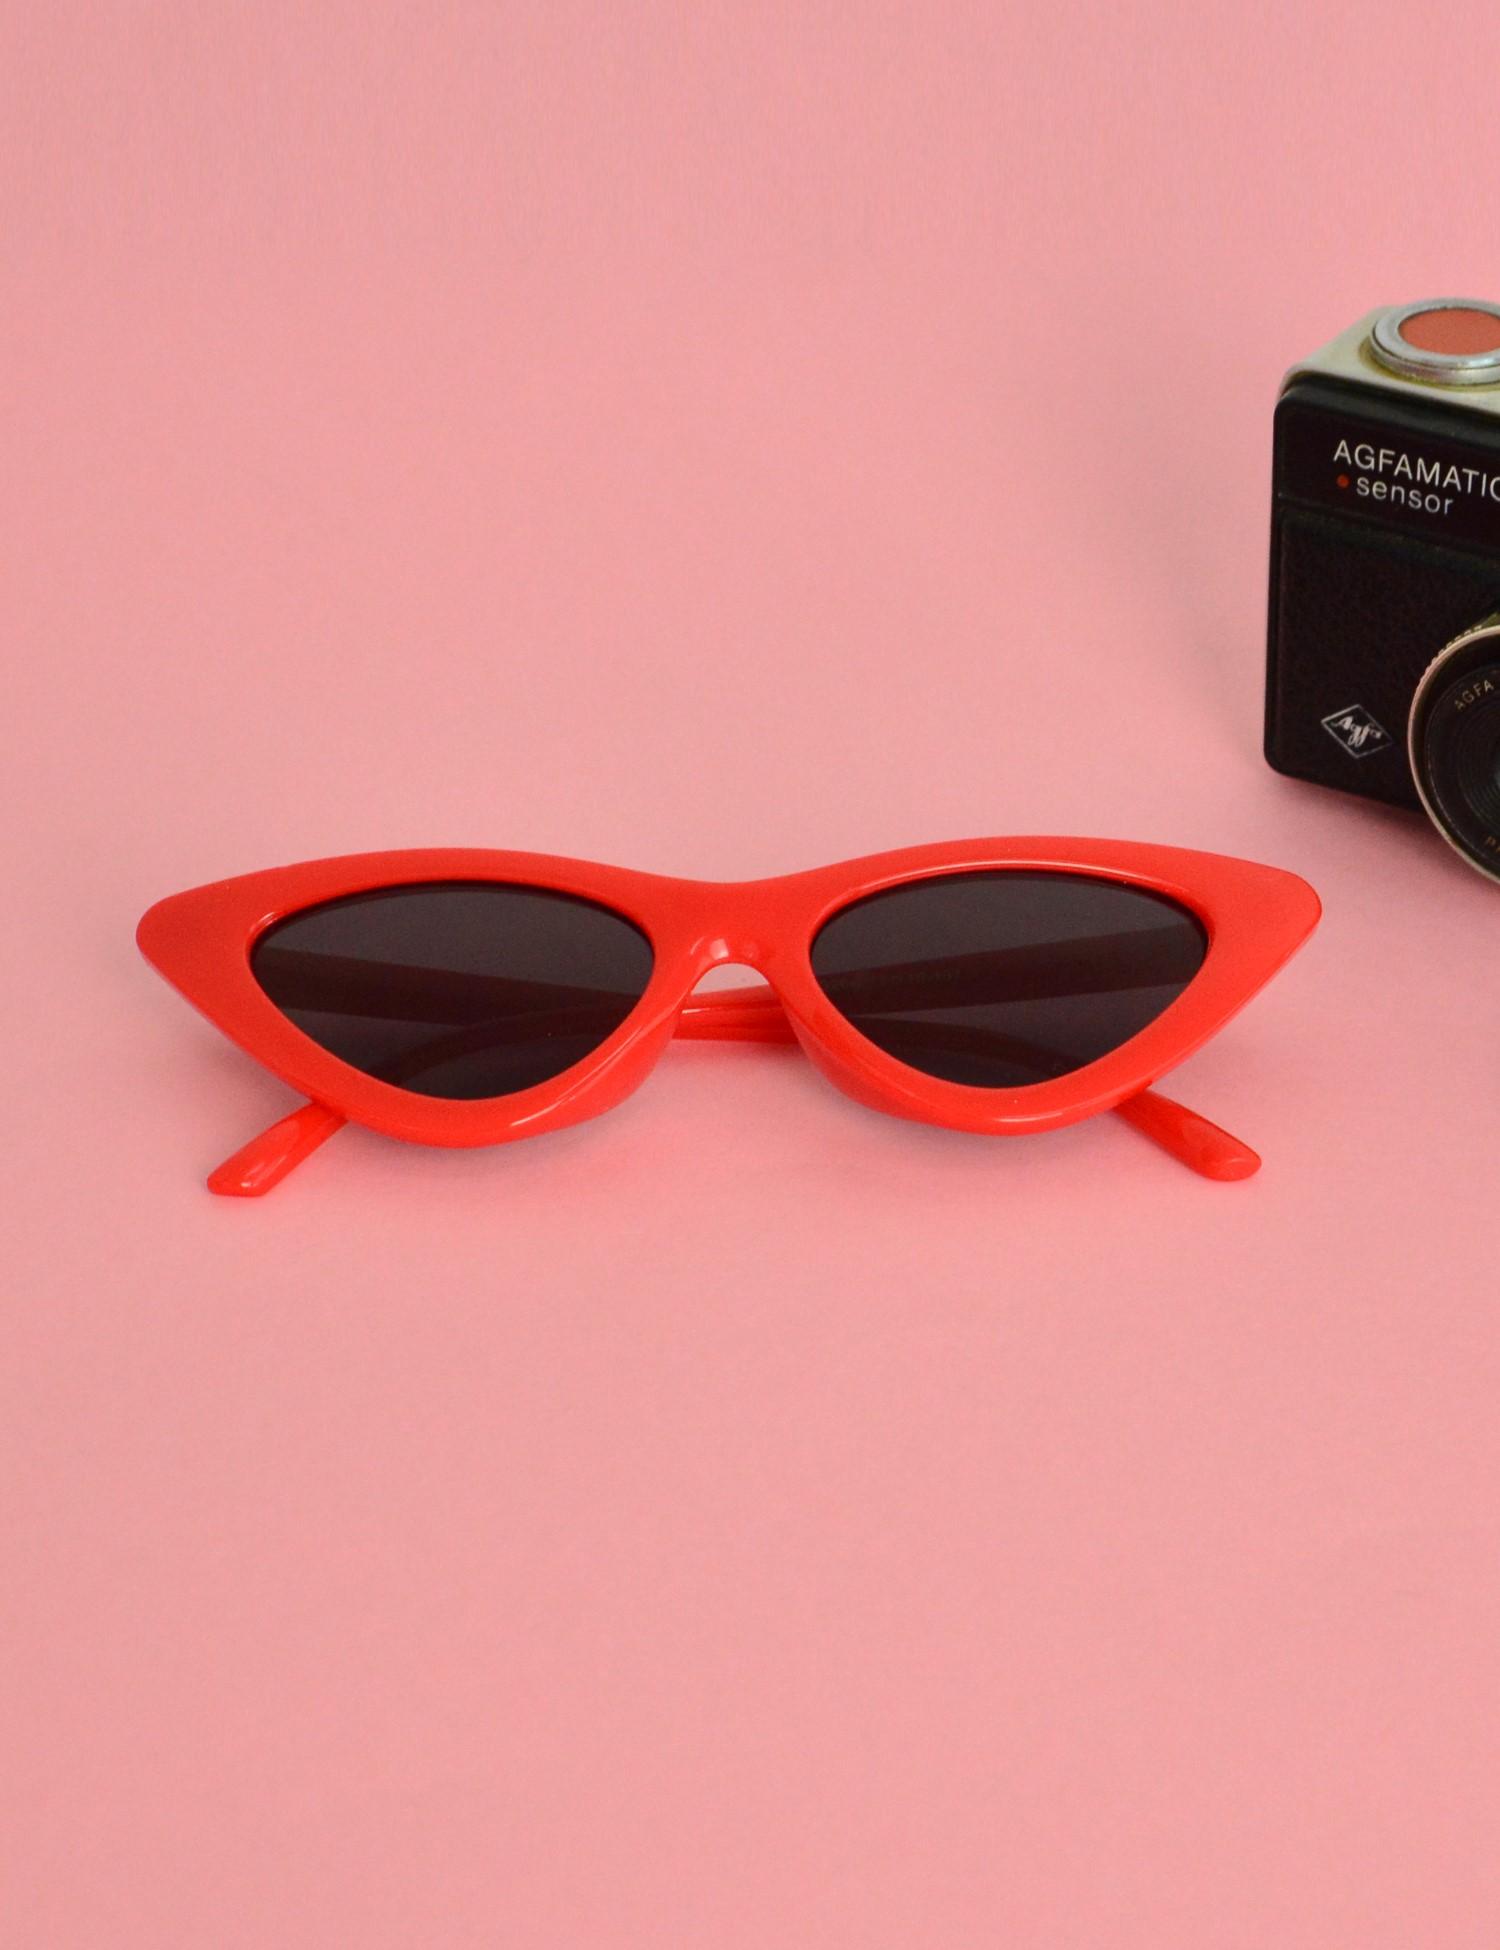 Γυναικεία γυαλιά Lolita κοκκάλινα κόκκινα Premium LS6784C 0f6325da0d0